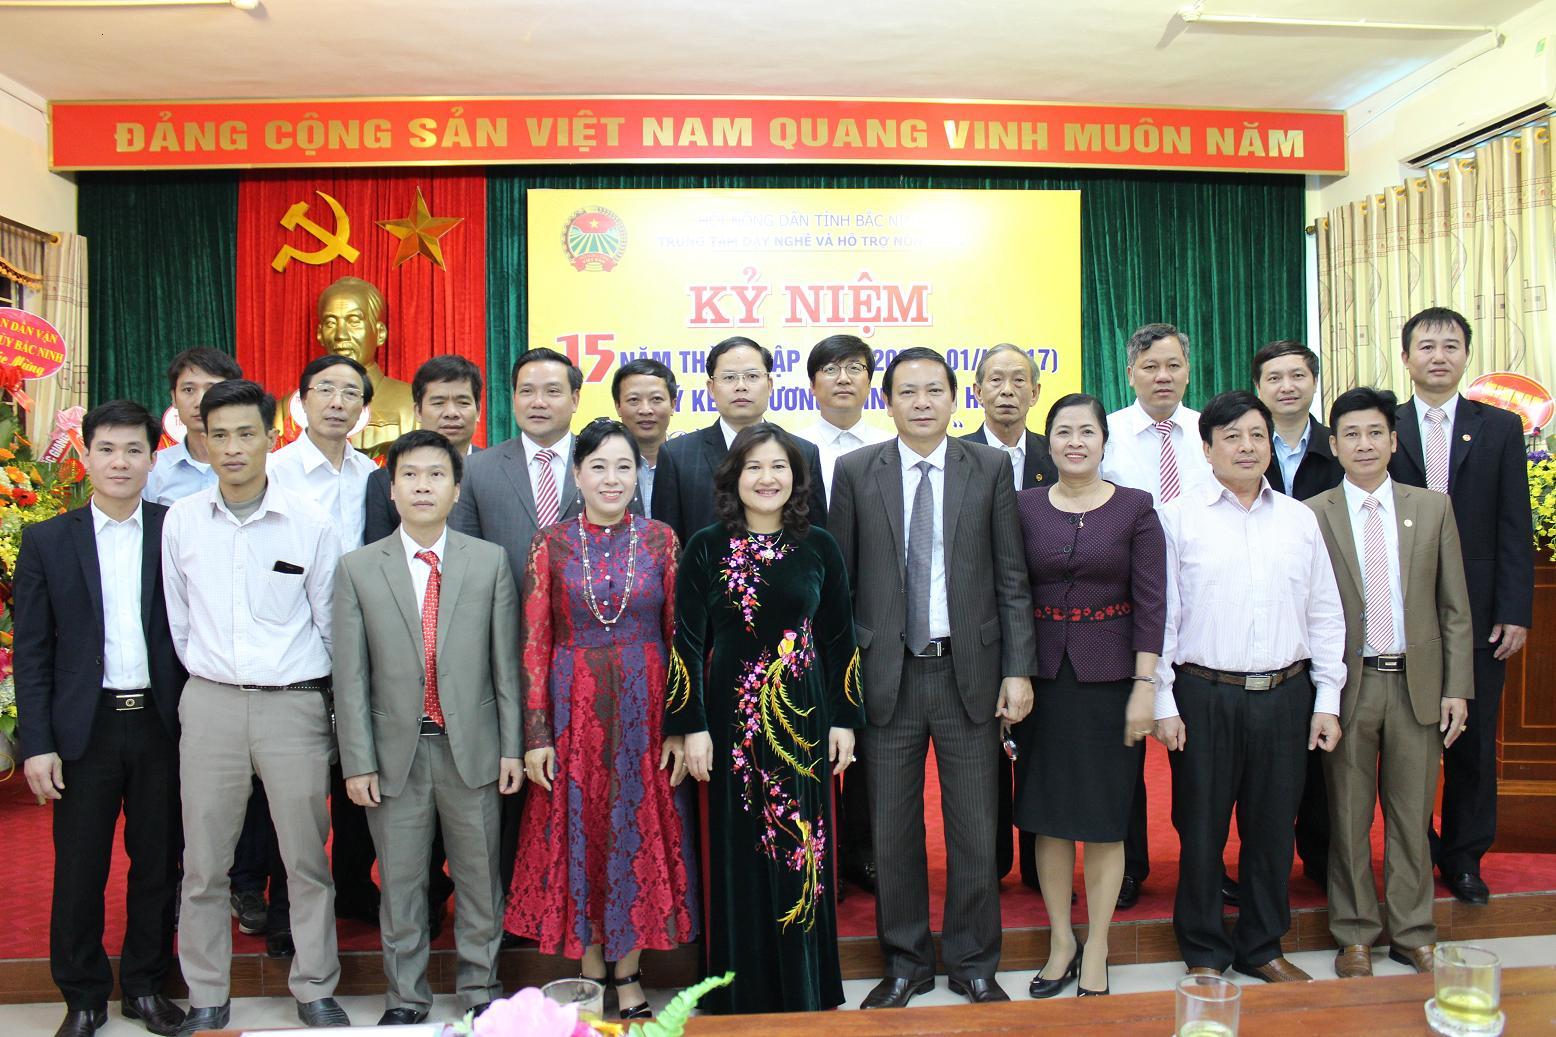 Kỷ niệm 15 năm thành lập TT DN& HTND tỉnh BN